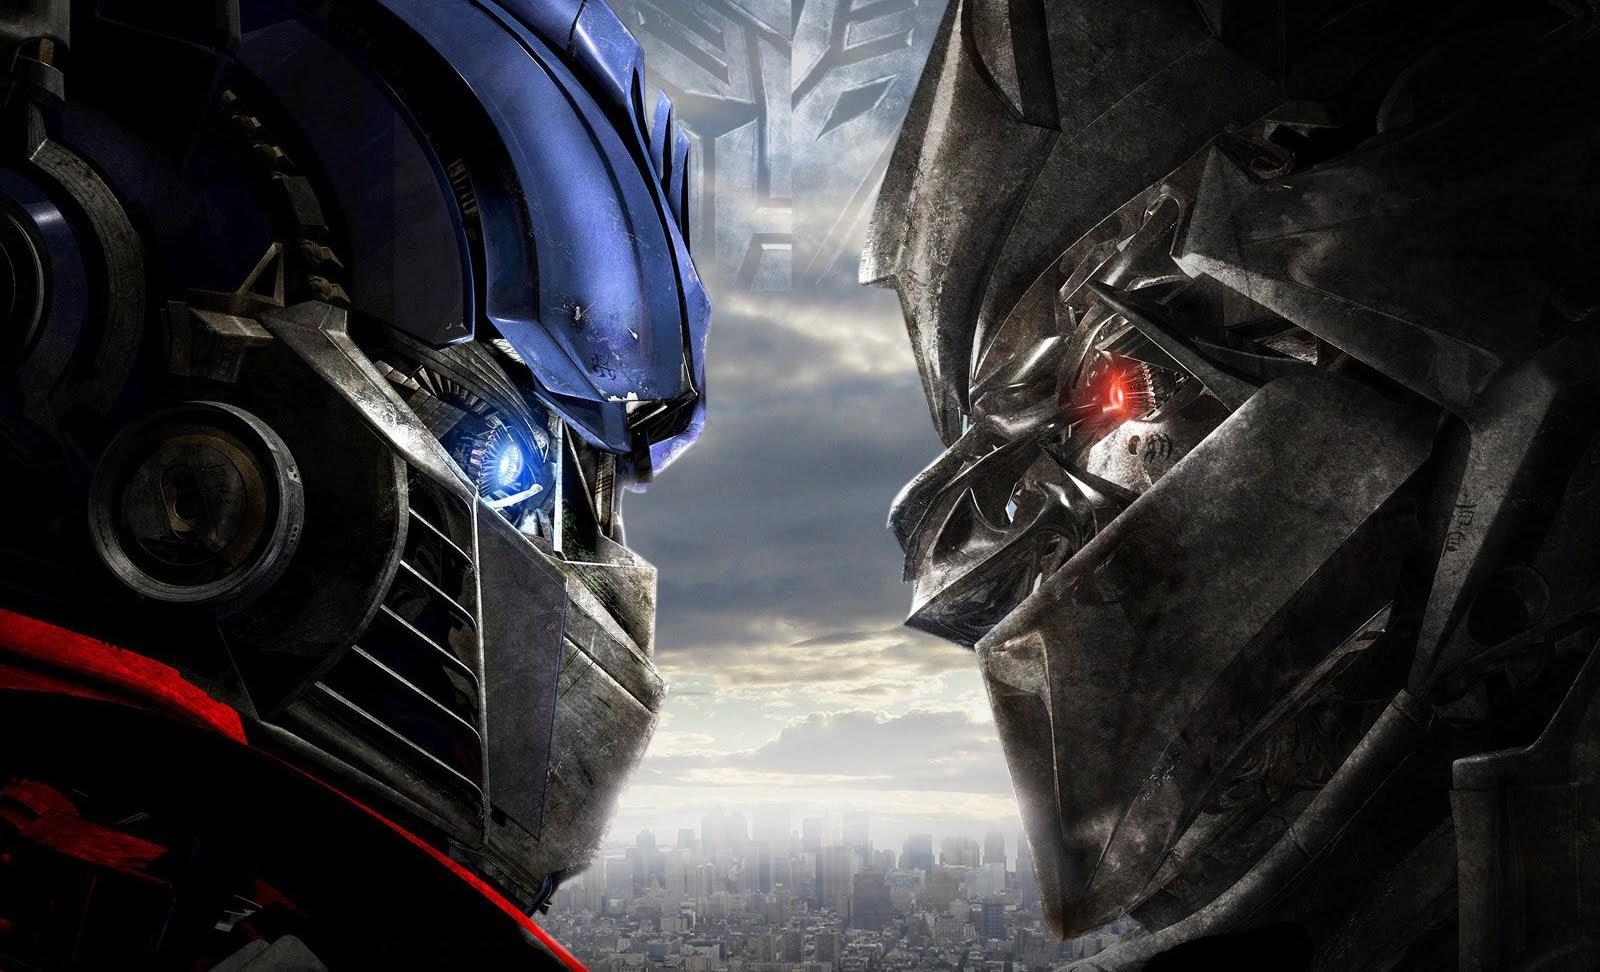 Trailer 5 phần Transformer 2007 - 2017 phim bom tấn đại chiến robot hay nhất